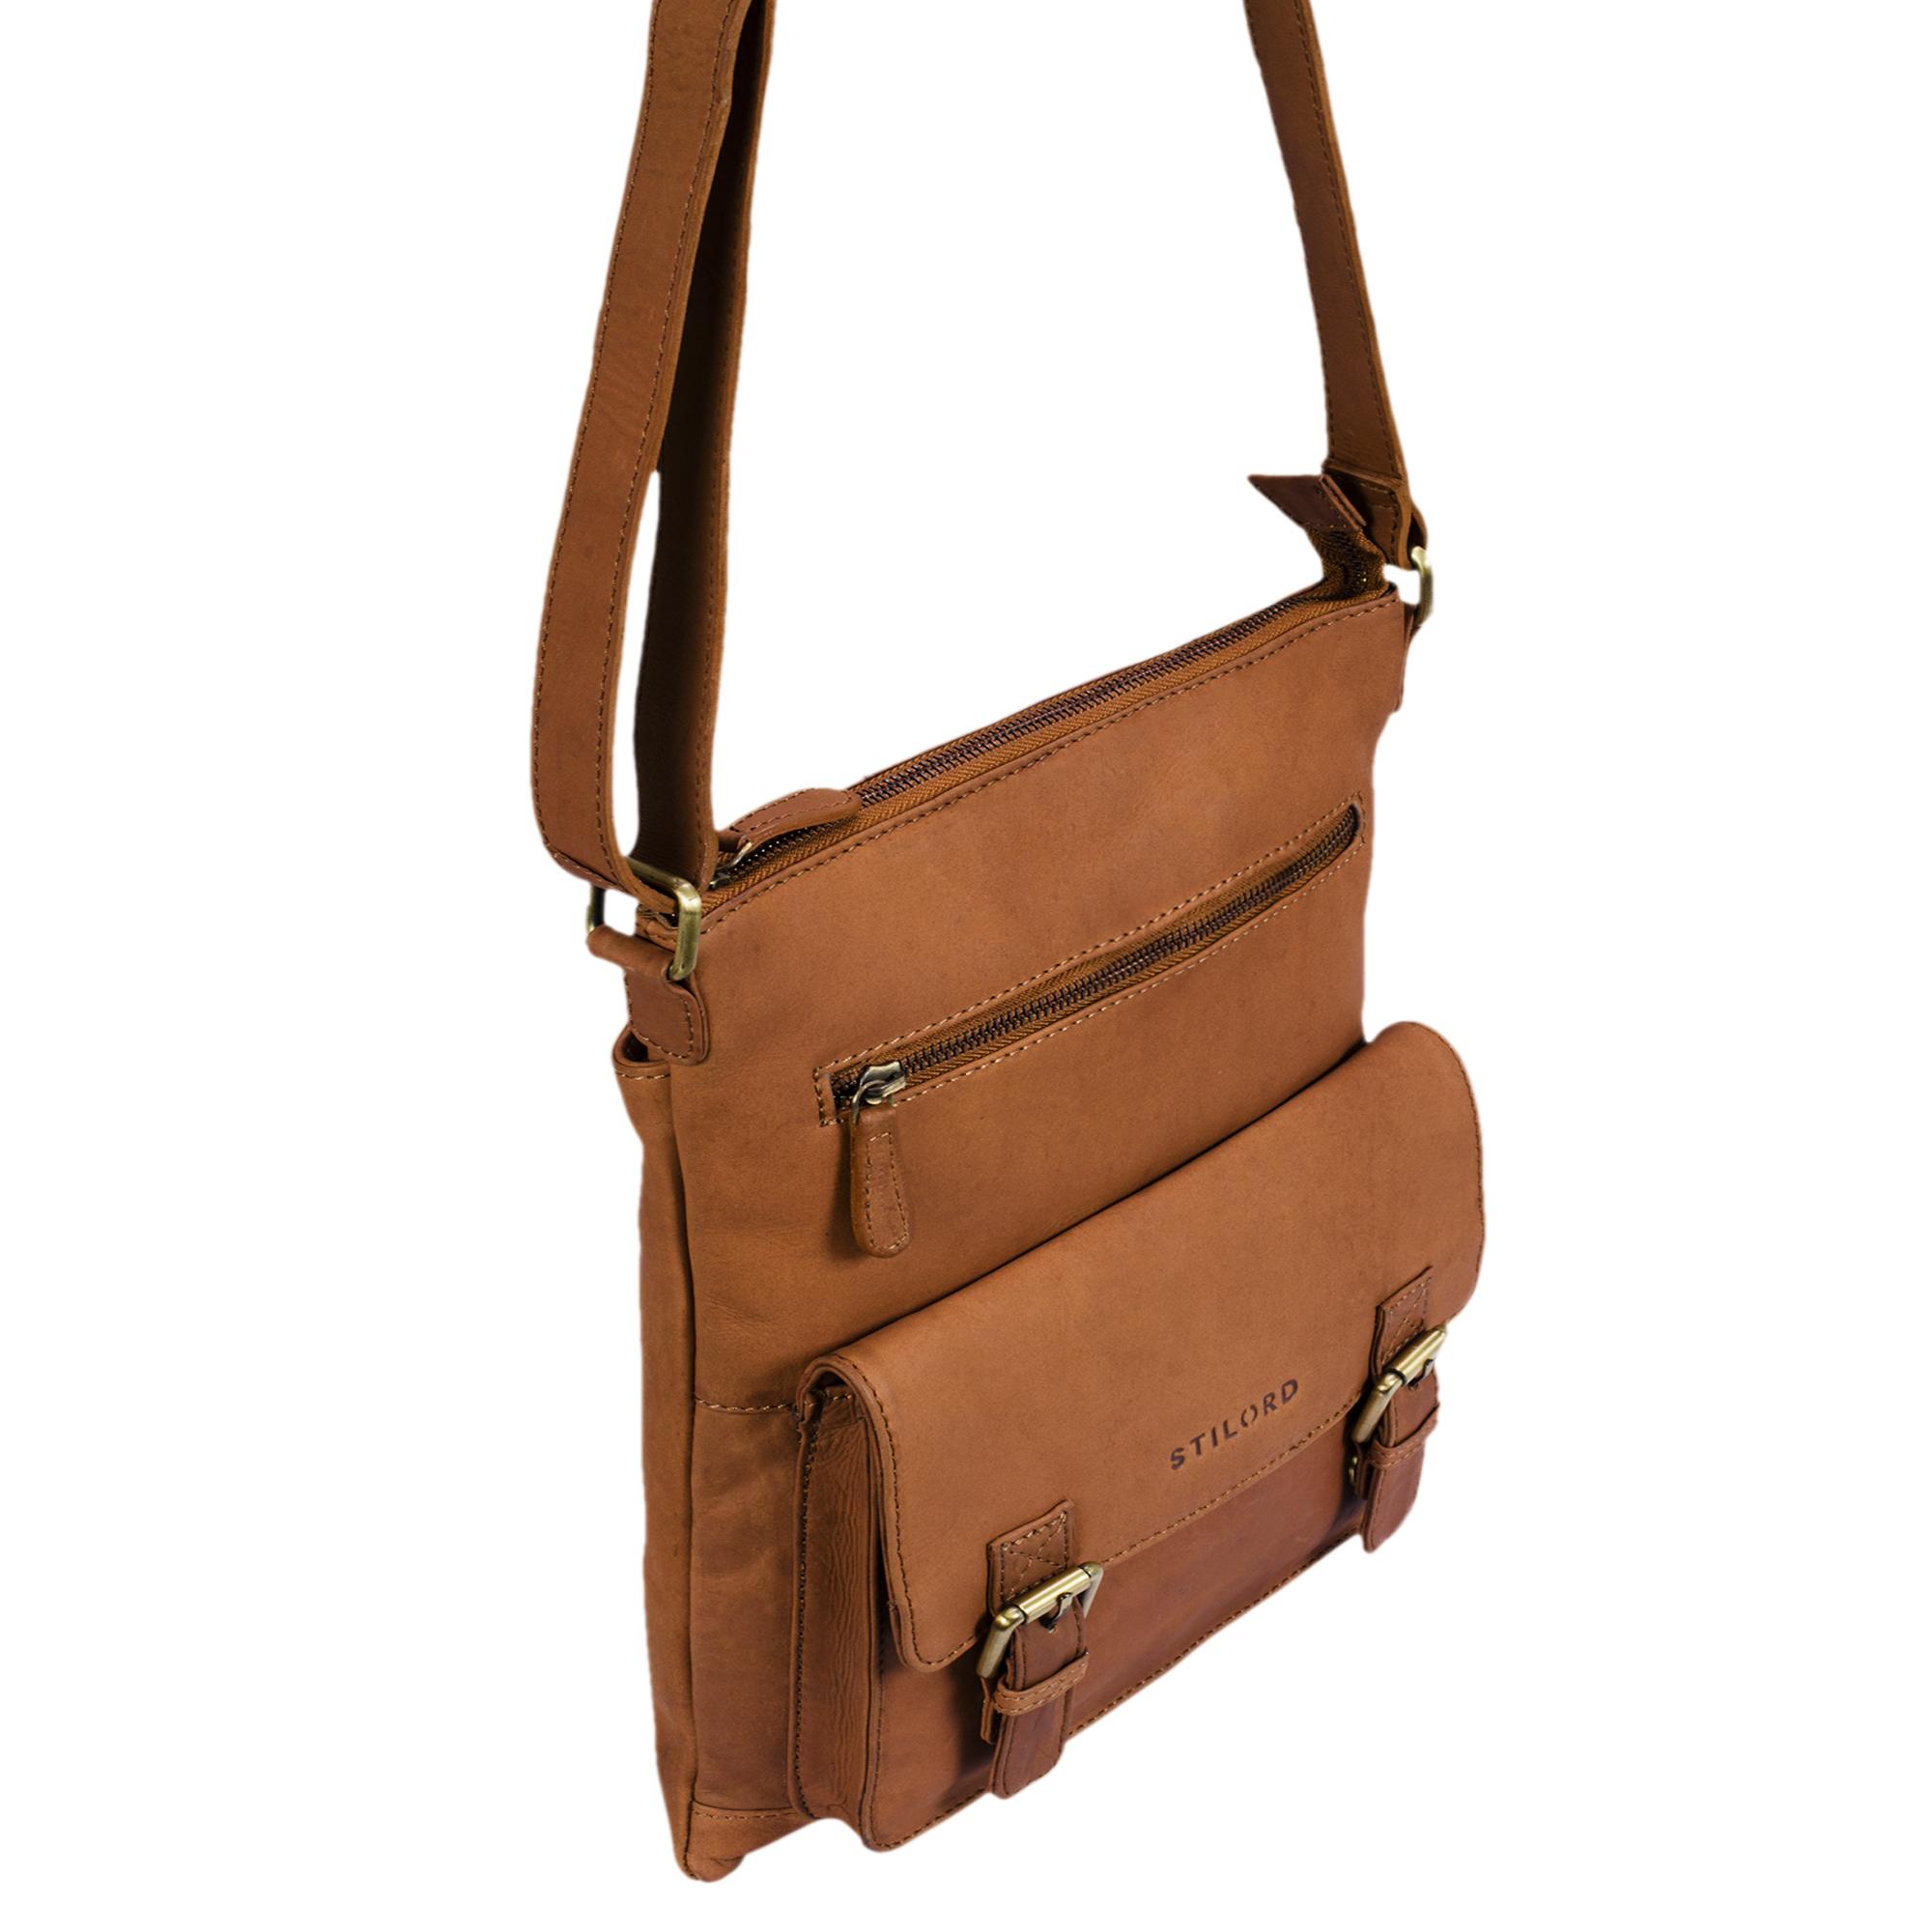 """STILORD """"Mason"""" Vintage Umhängetasche 13 Zoll für Männer Frauen braune Messenger Bag für DIN A4 Dokumente Schultertasche aus echtem Leder - Bild 13"""